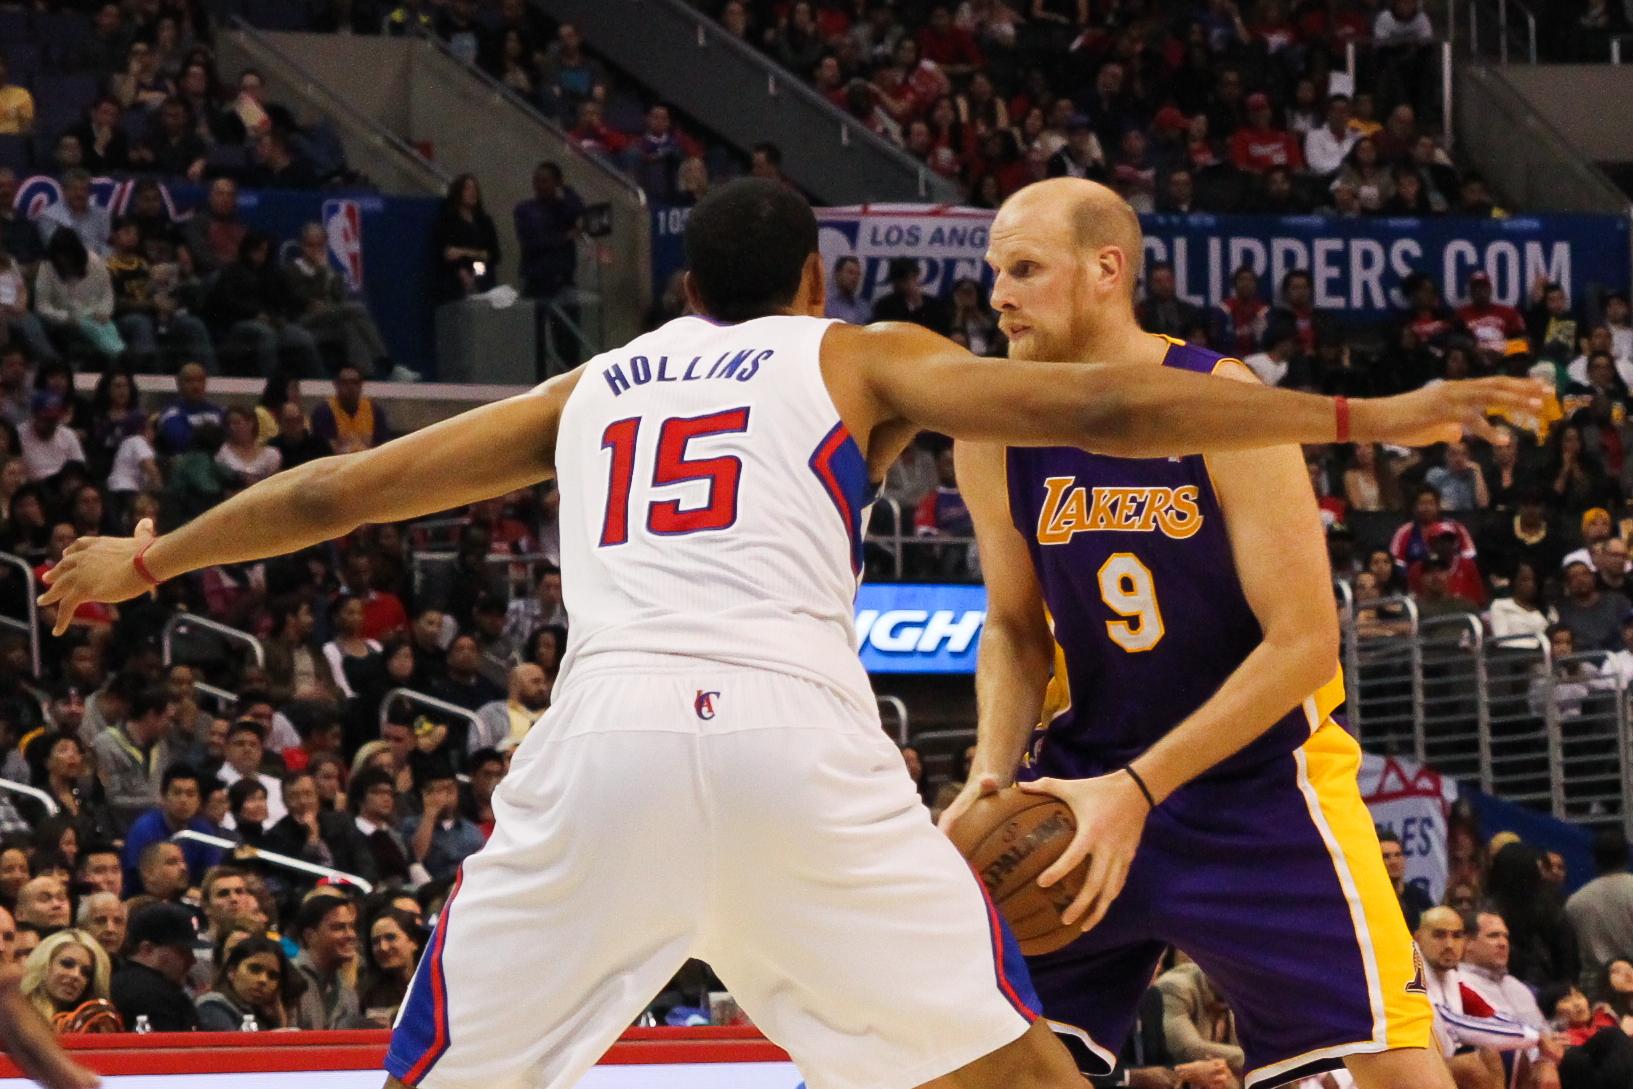 Photos by Varon P. Lakers-31.jpg